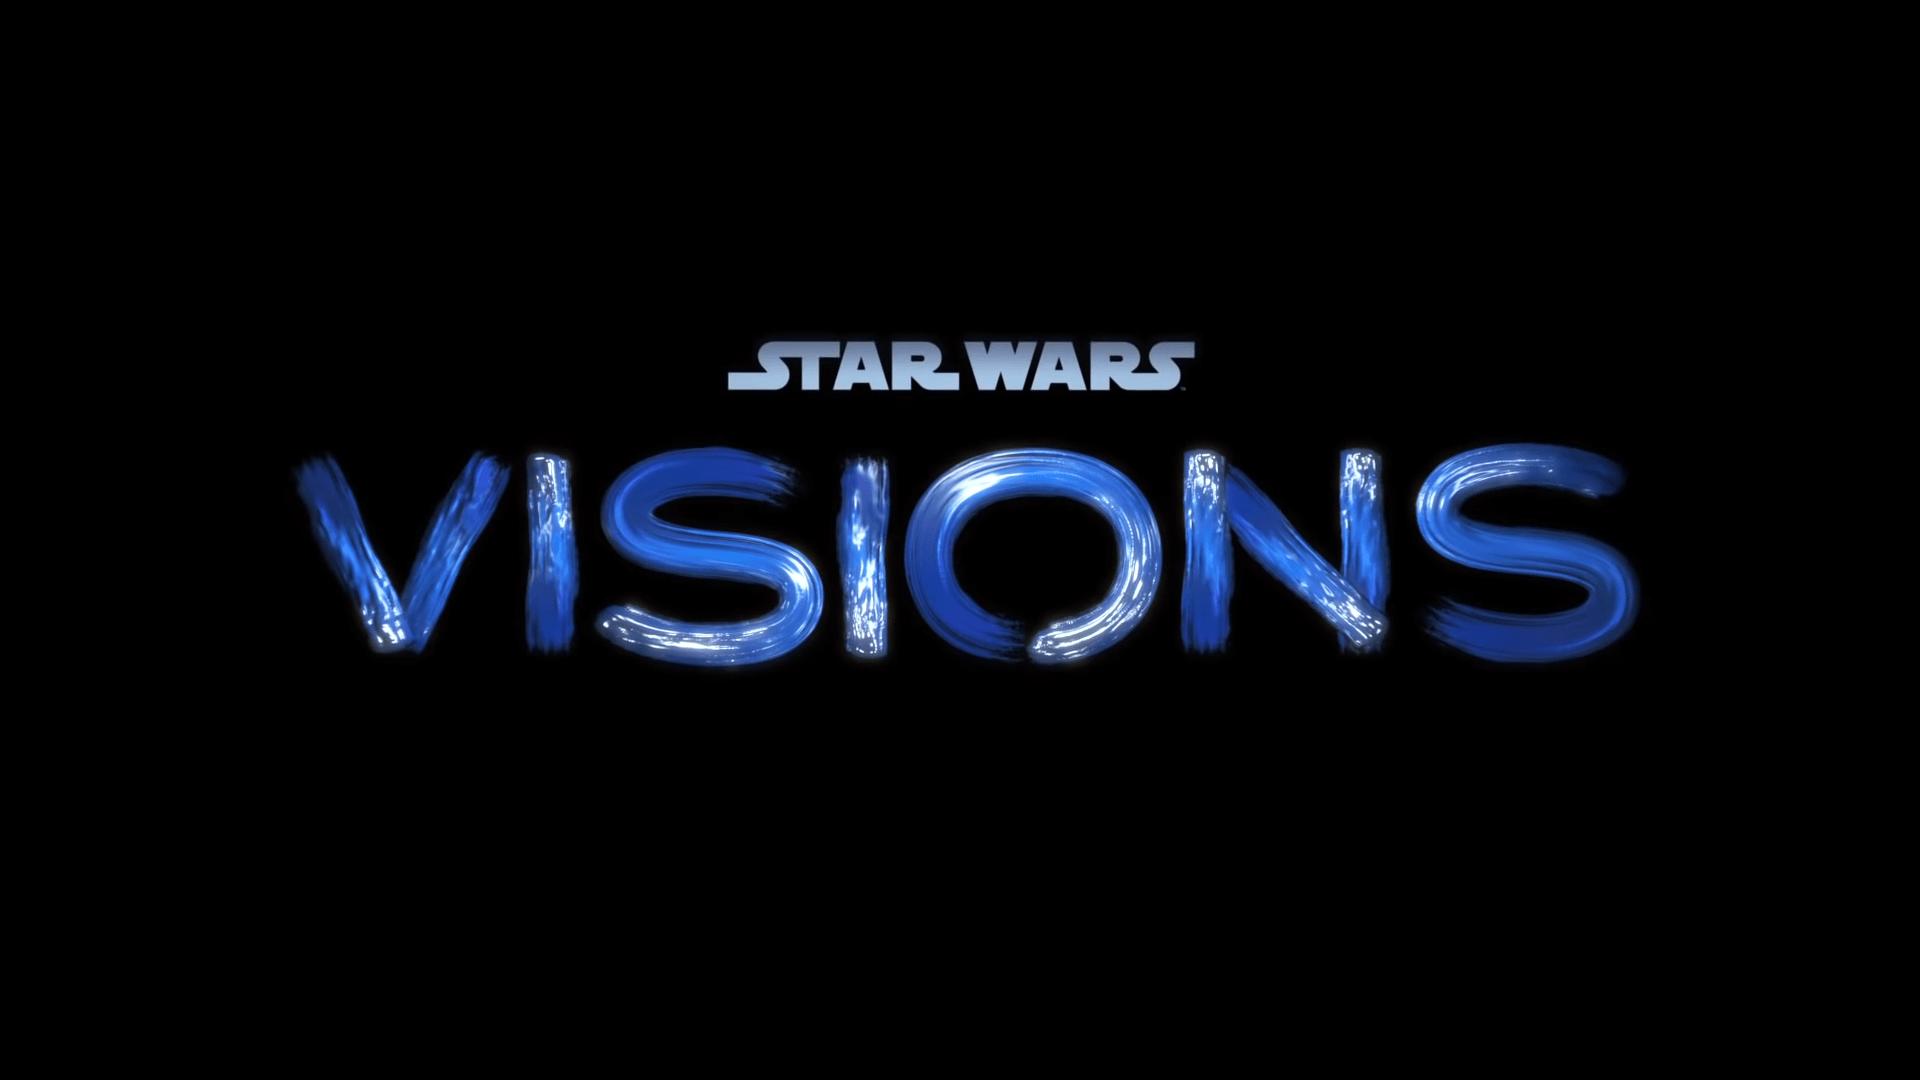 Un anime de otra galaxia: Todo lo que sabemos sobre la serie 'Star Wars: Visions'